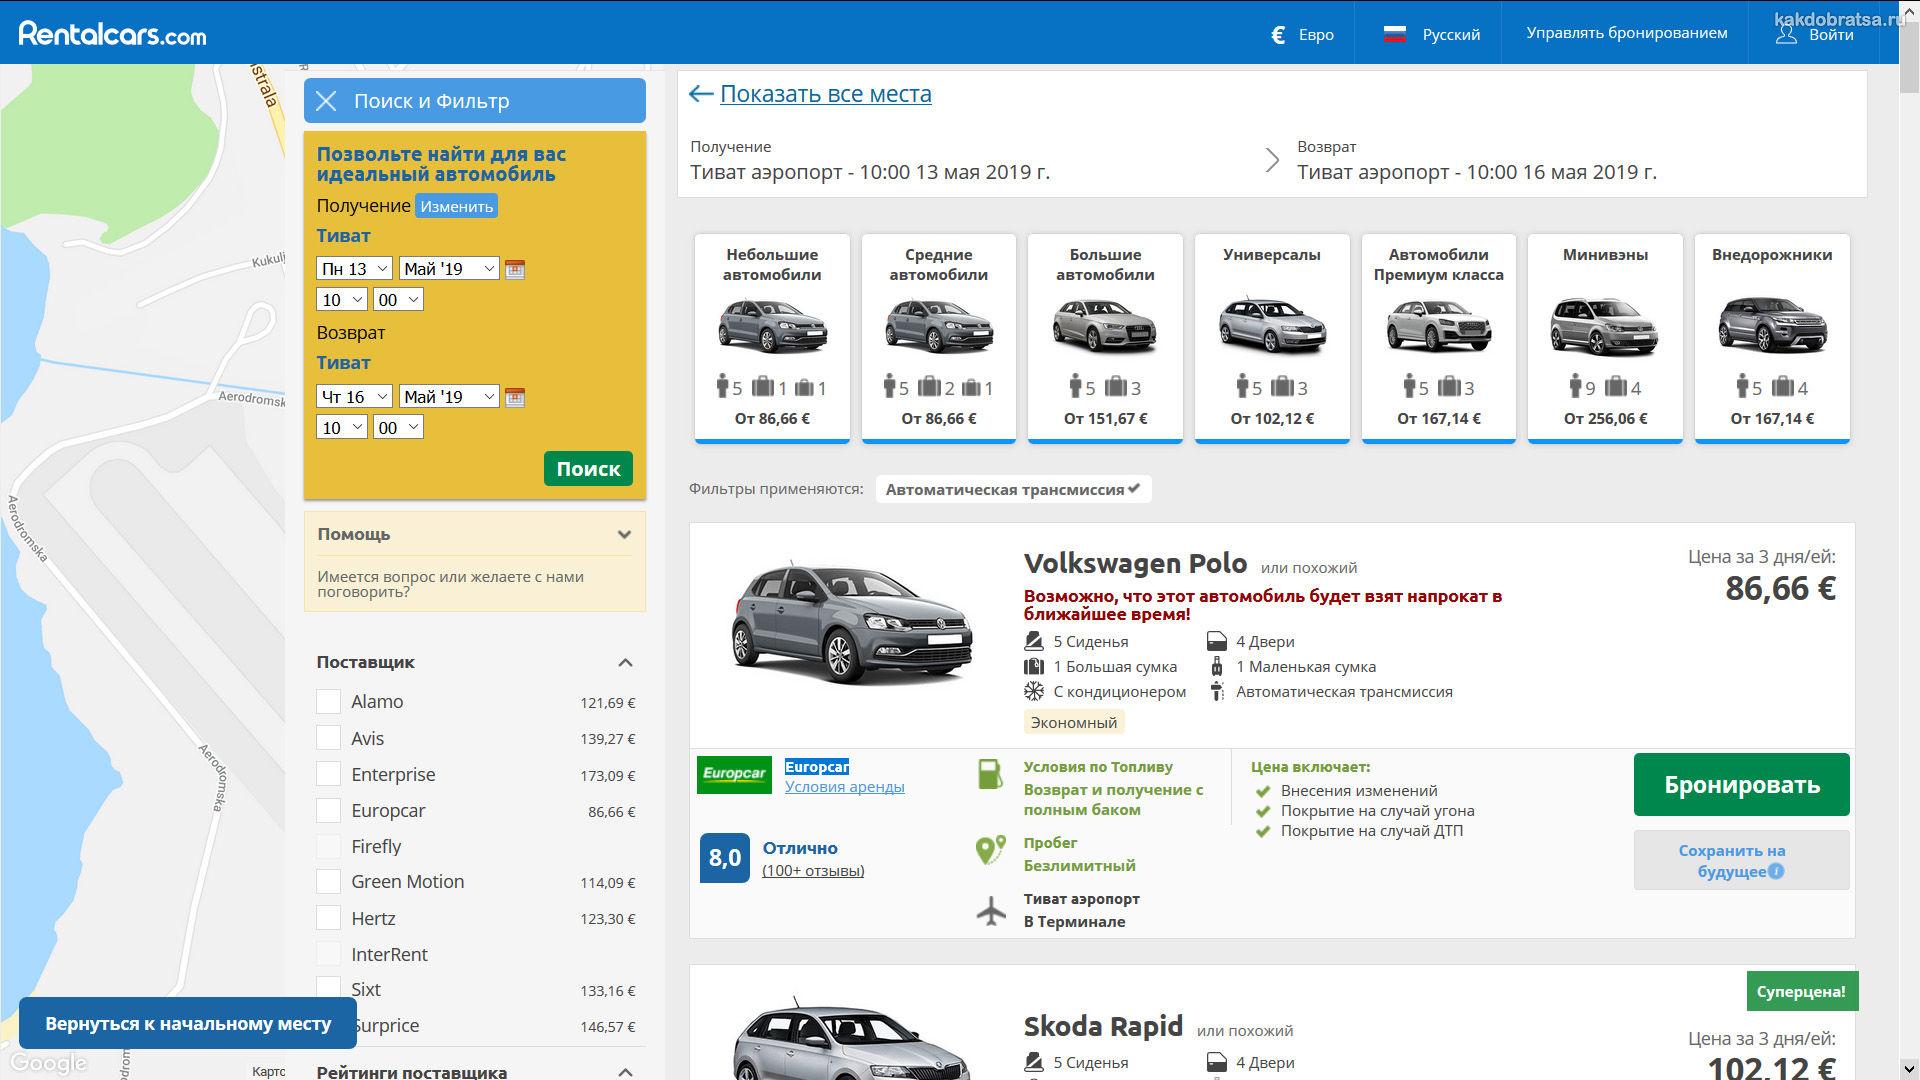 Выбор автомобиля для аренды в Черногории